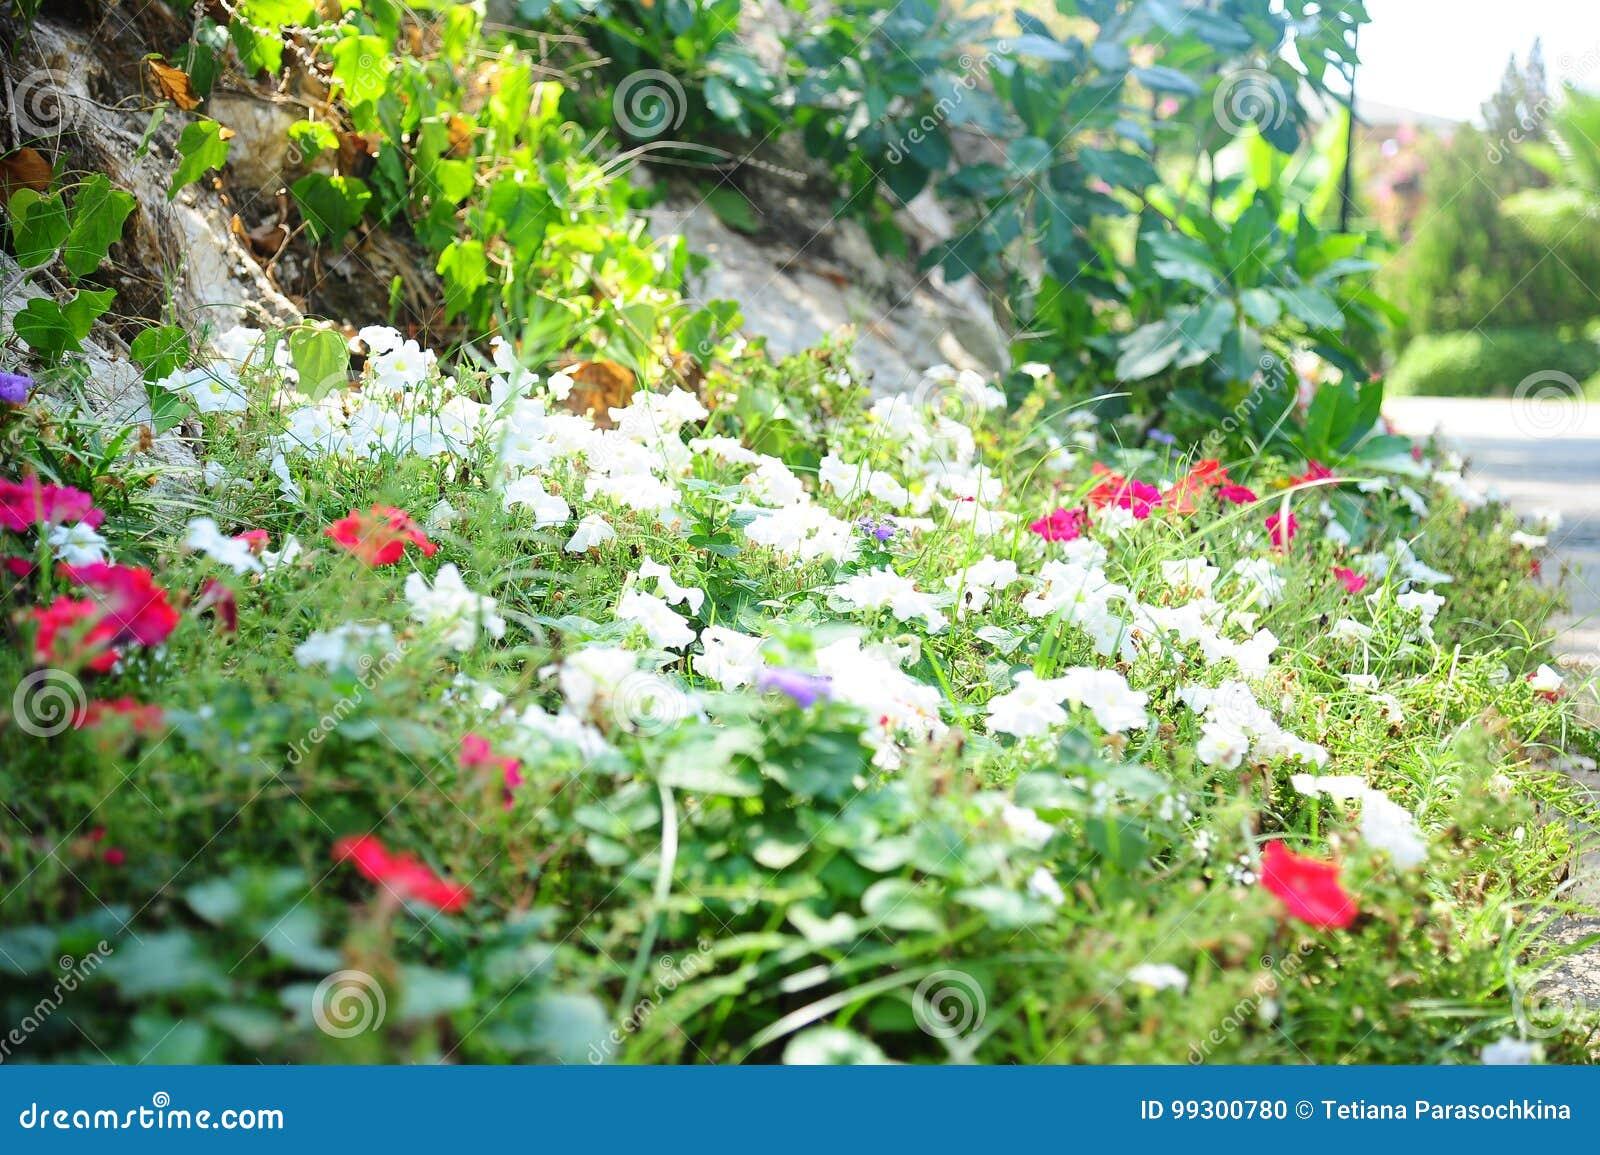 Fiori chiazzati che rimuovono radura, rosso, bianco